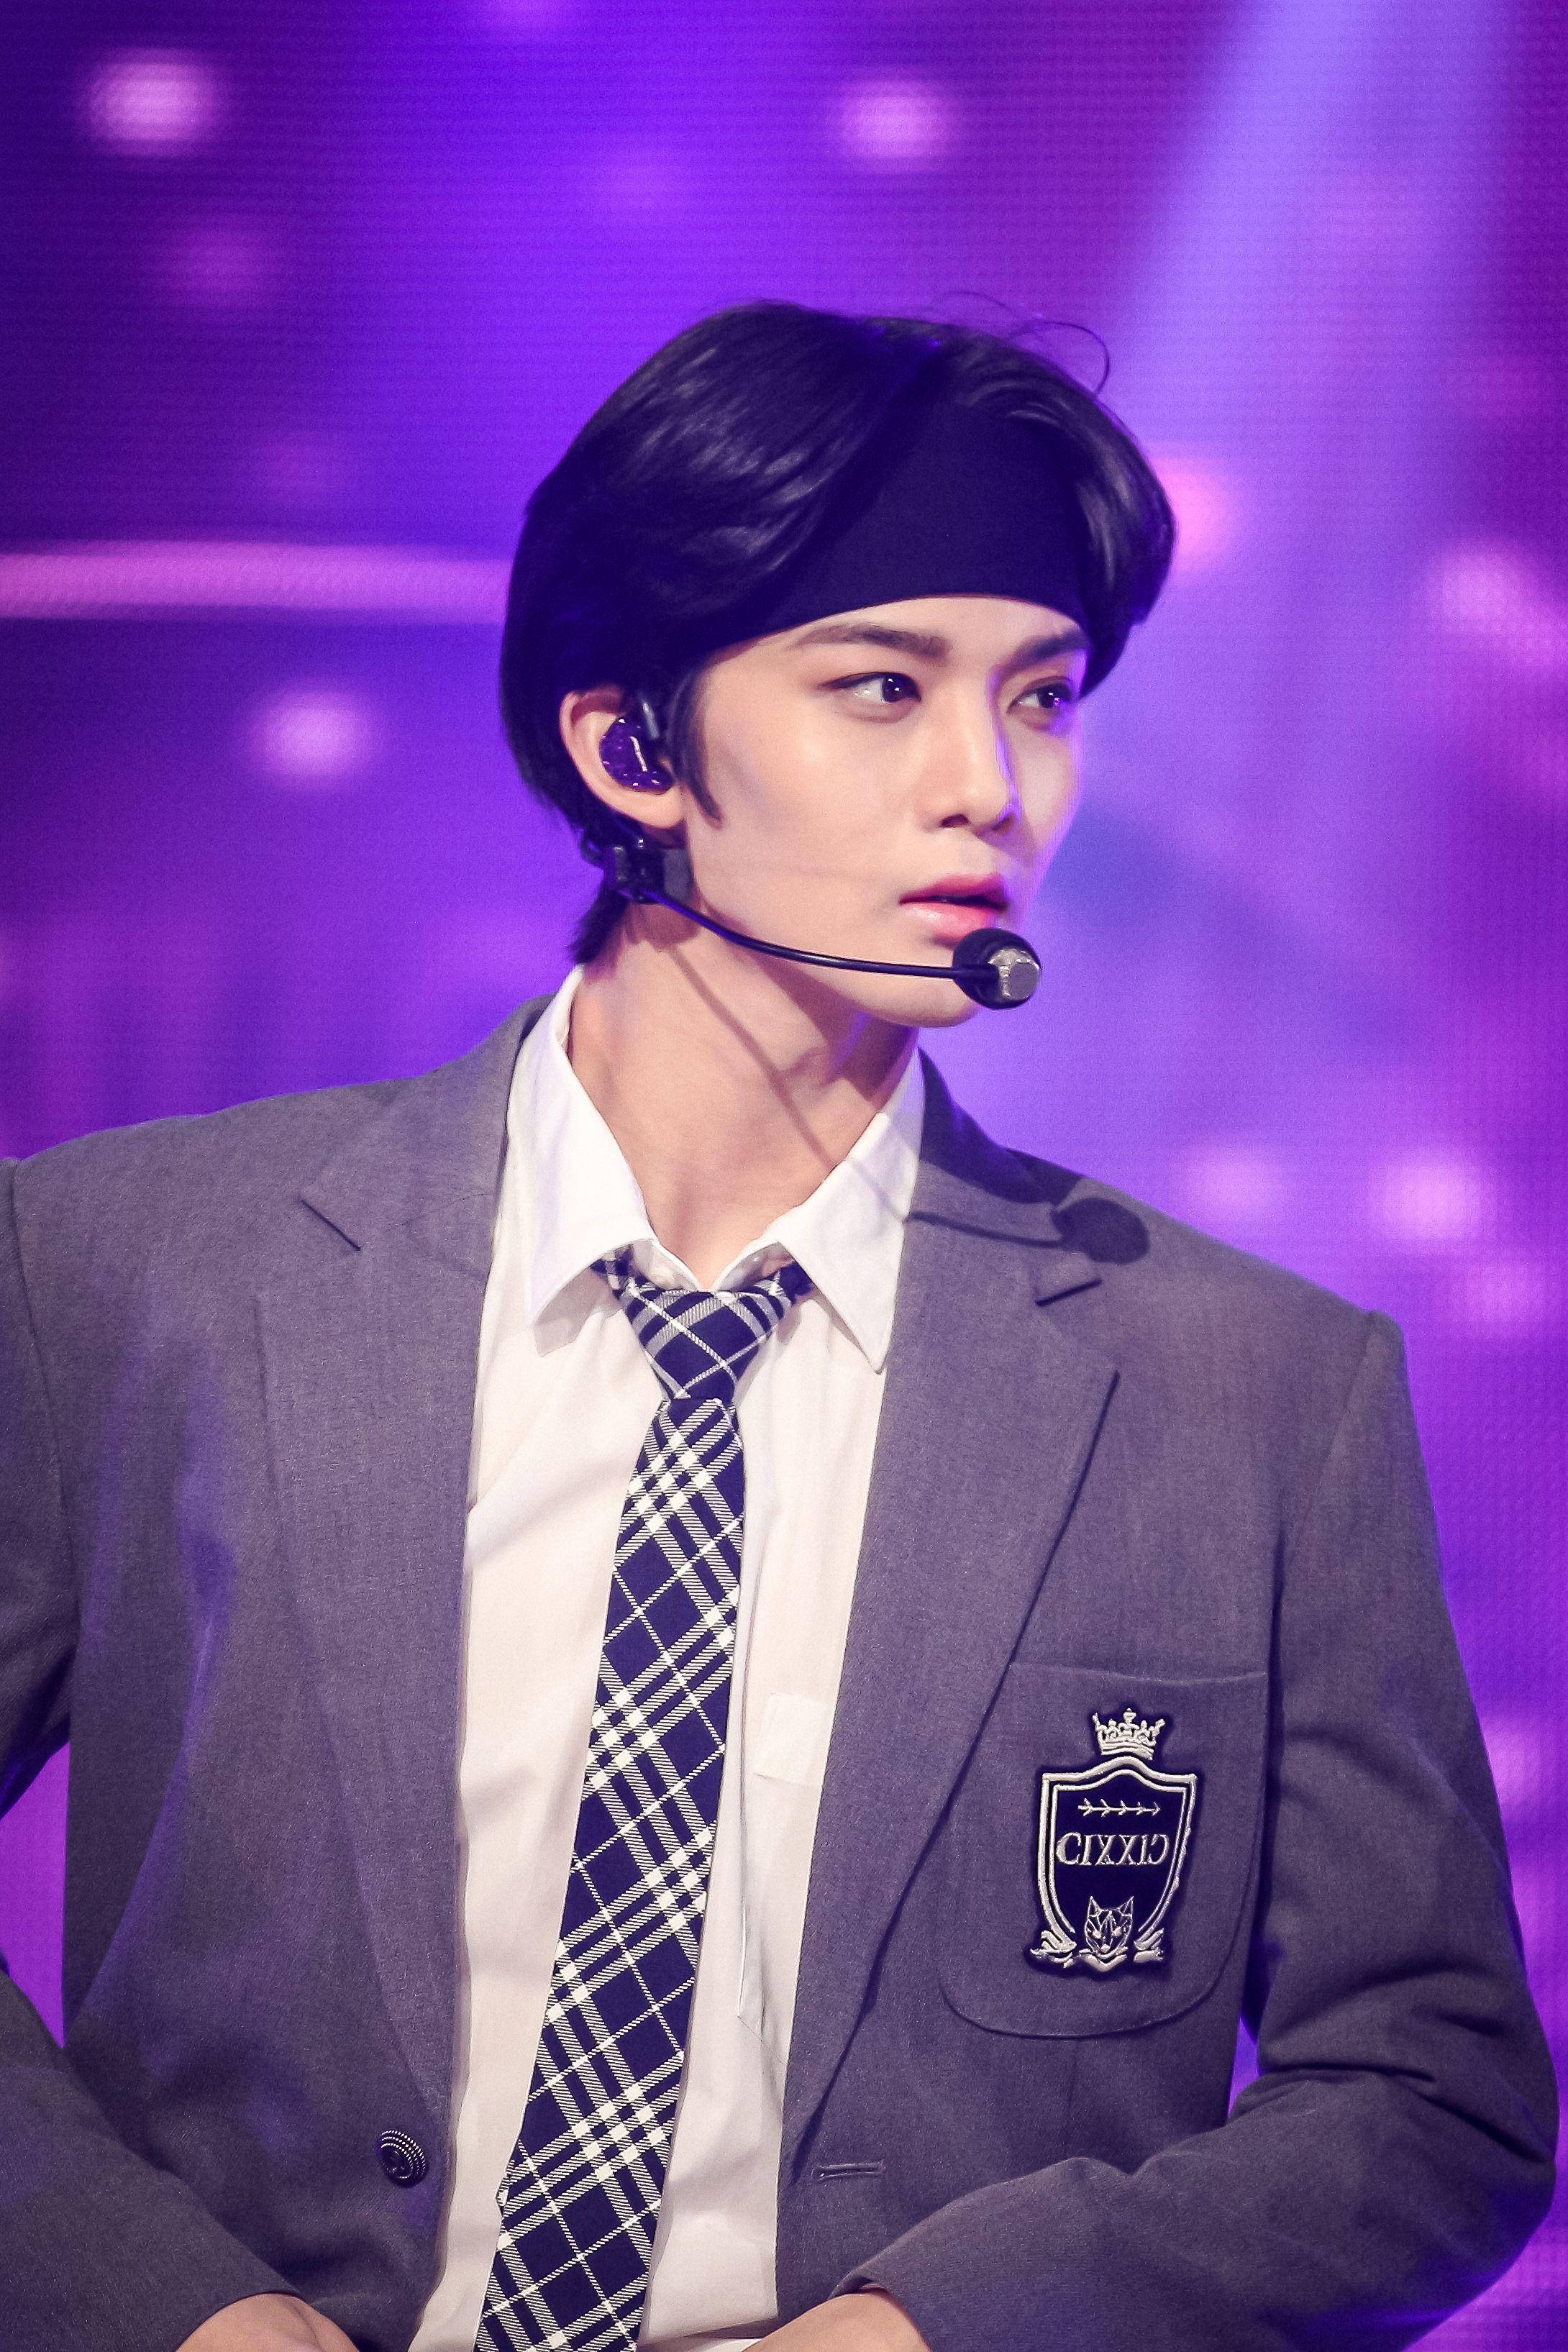 Bae Jinyoung Jinyoung Bae Beautiful Boys